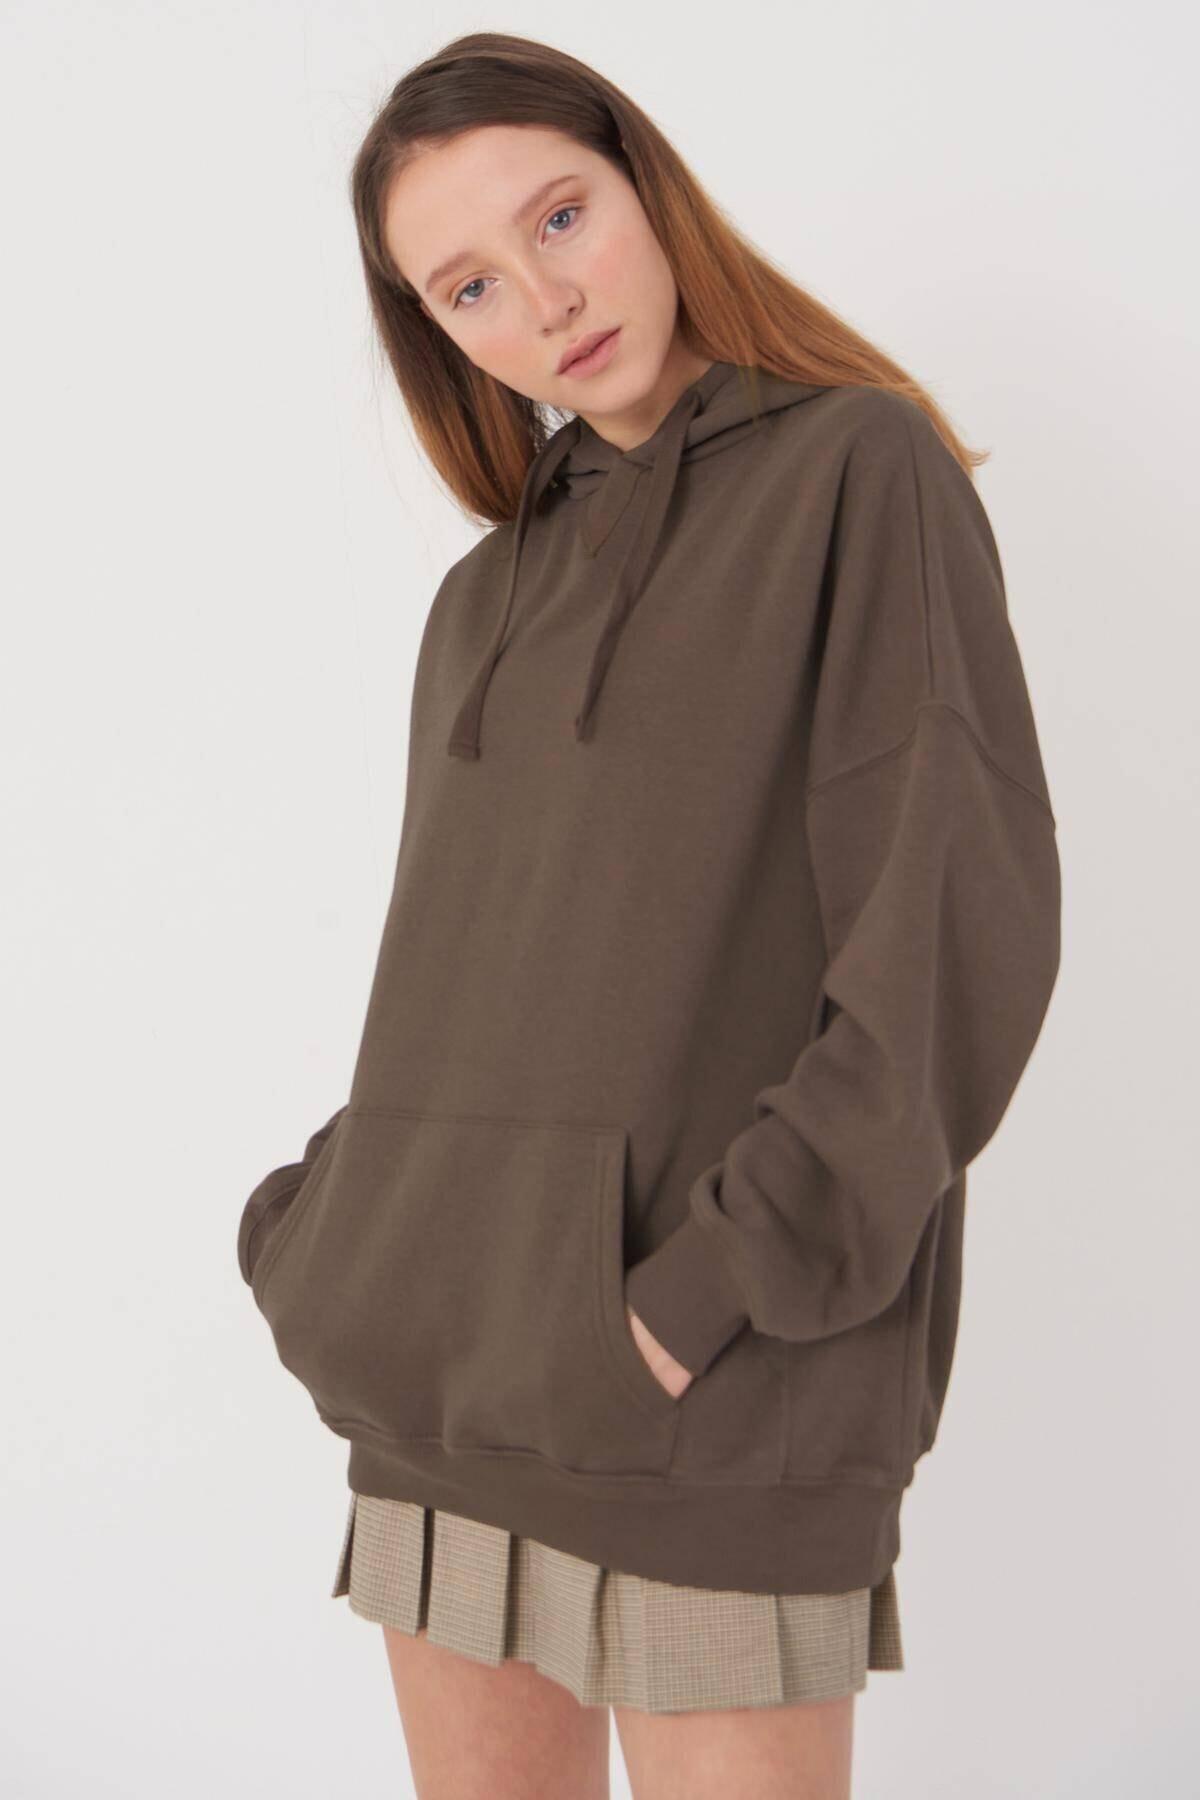 Addax Kadın Vizon Kapüşonlu Sweatshirt S0519 - P10V1 Adx-0000014040 2